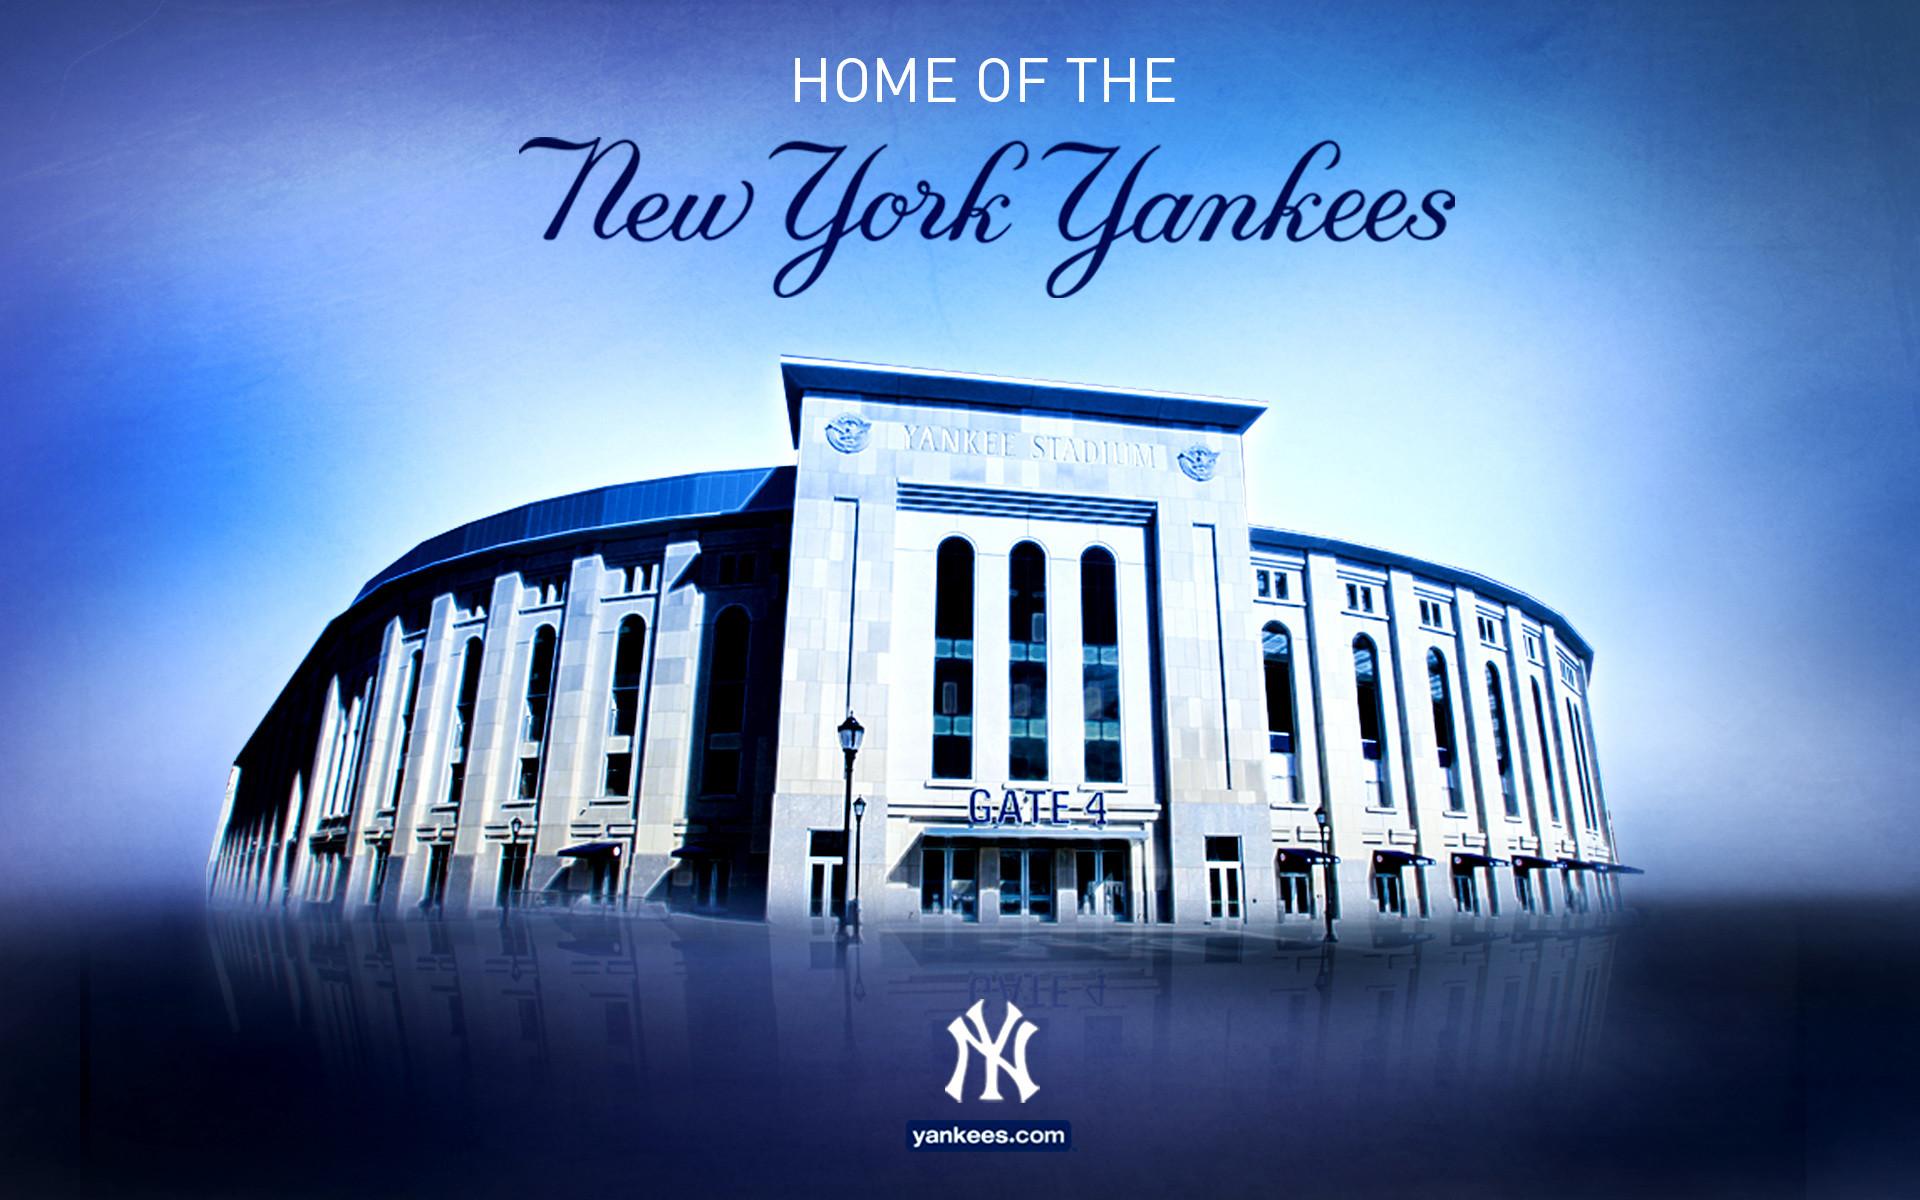 1920x1200 Yankees Wallpaper Images | New York Yankees